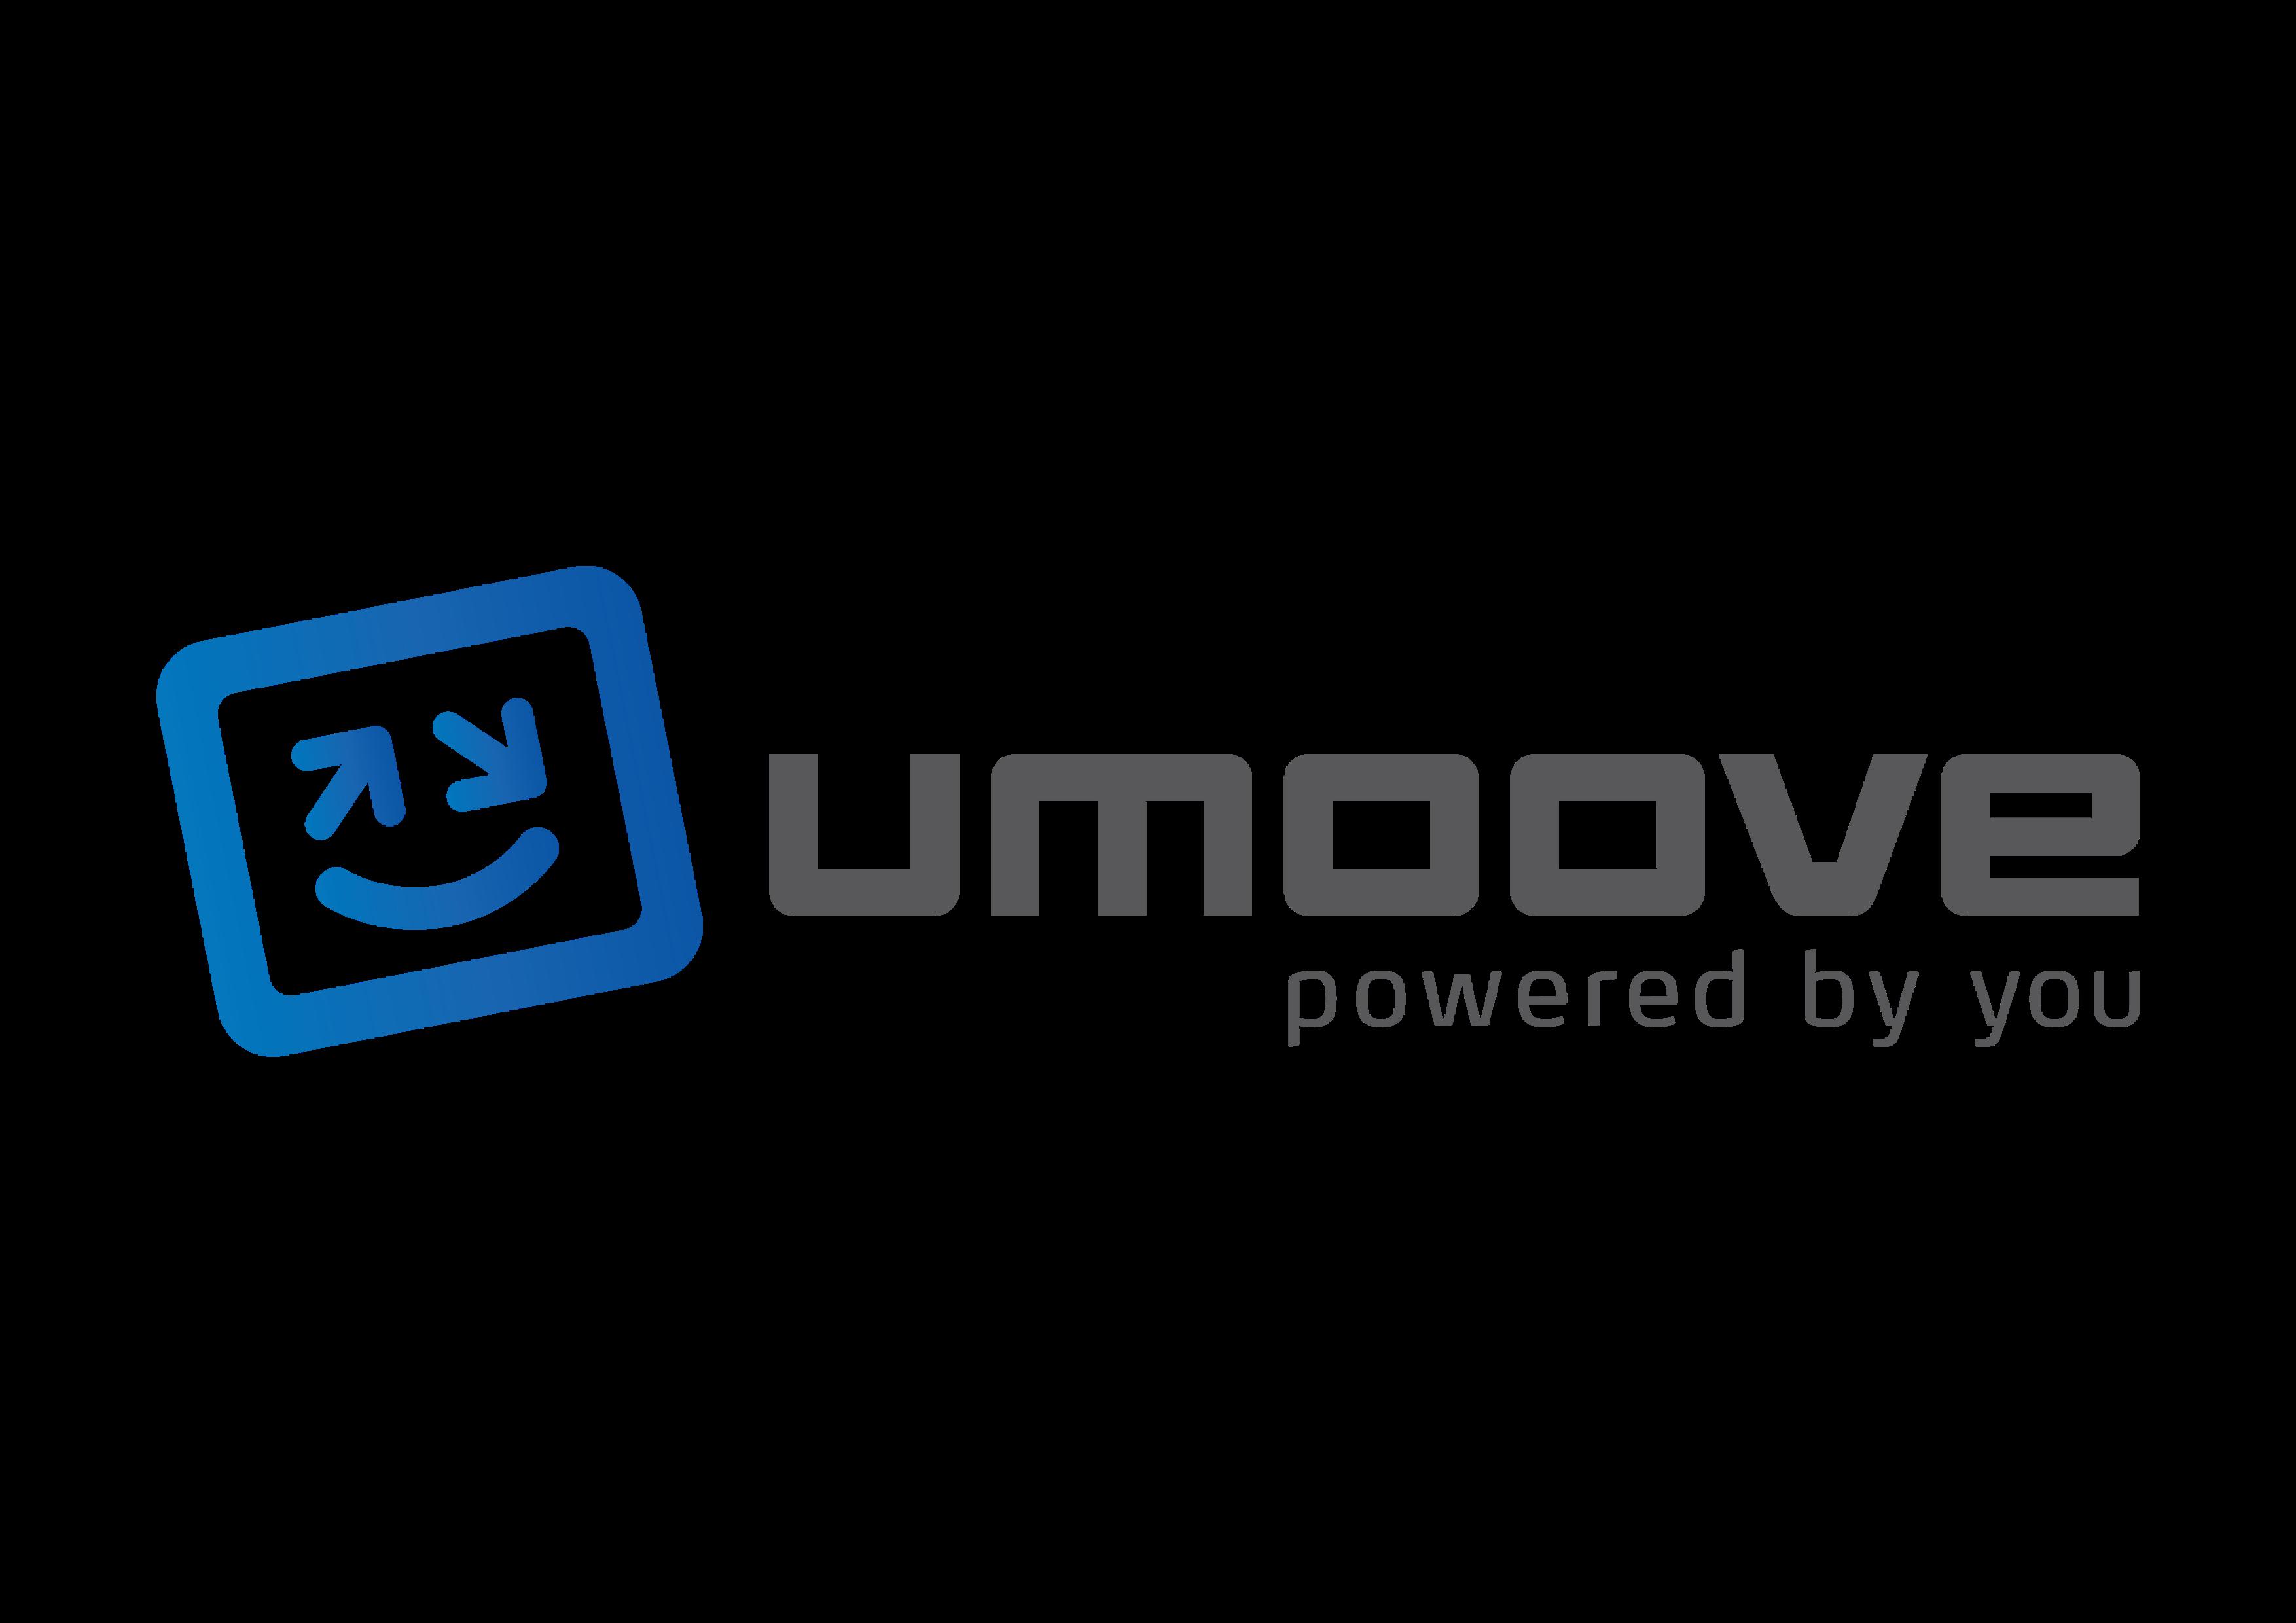 uMoove משתתפת בתוכנית